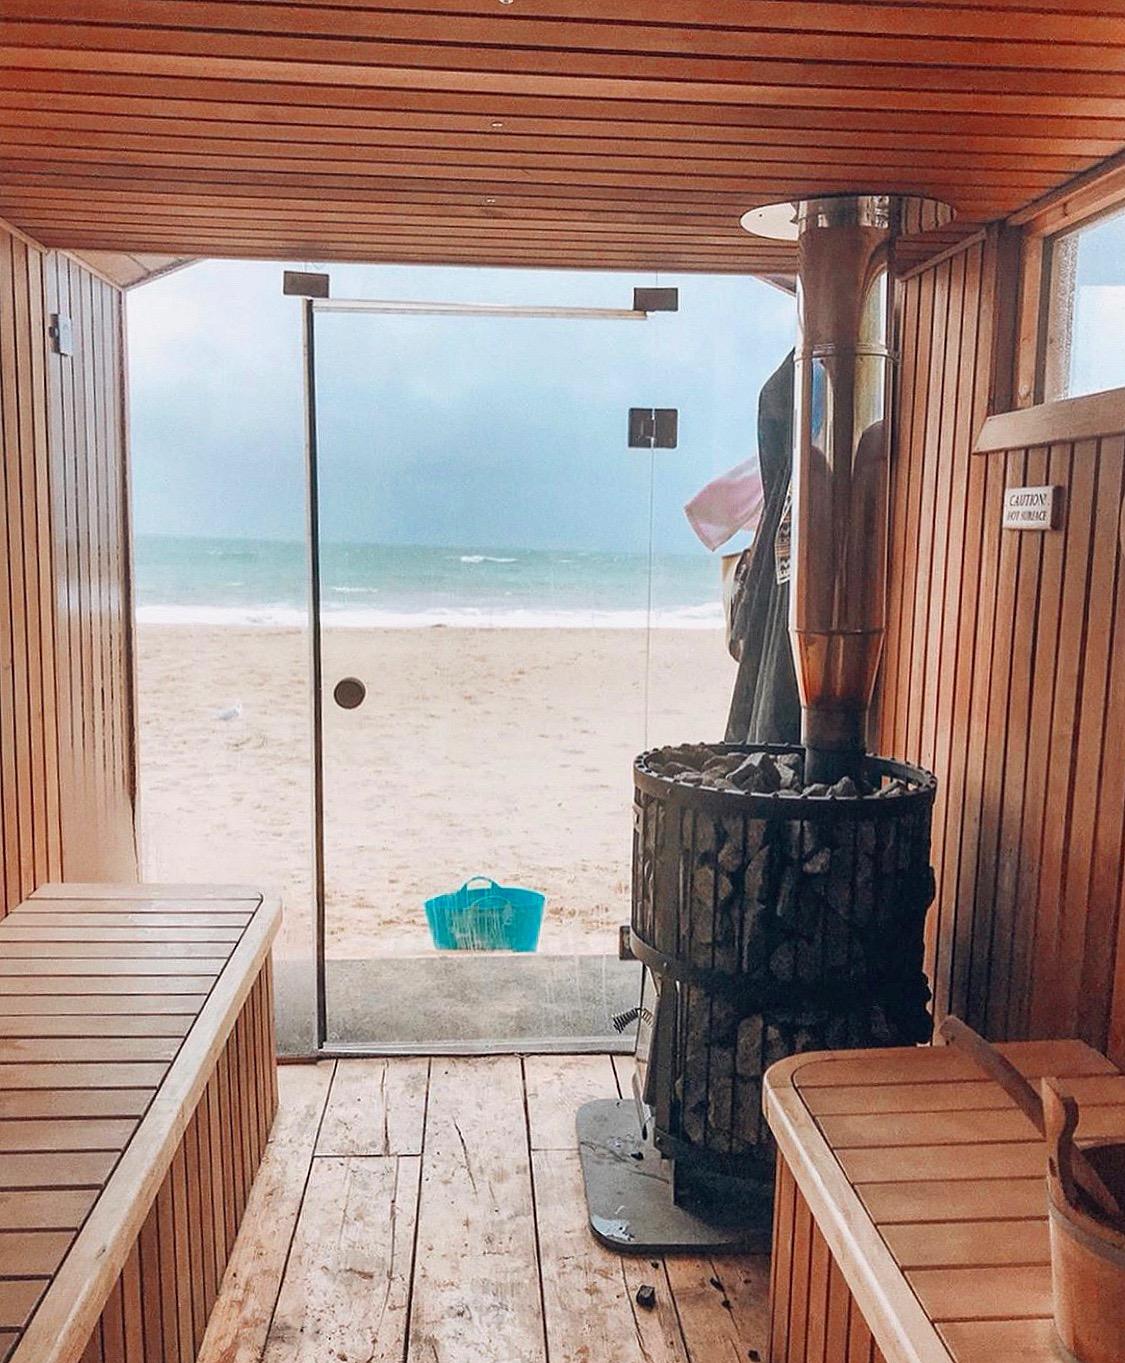 Sea view sauna (copyright Resurface, 2019)